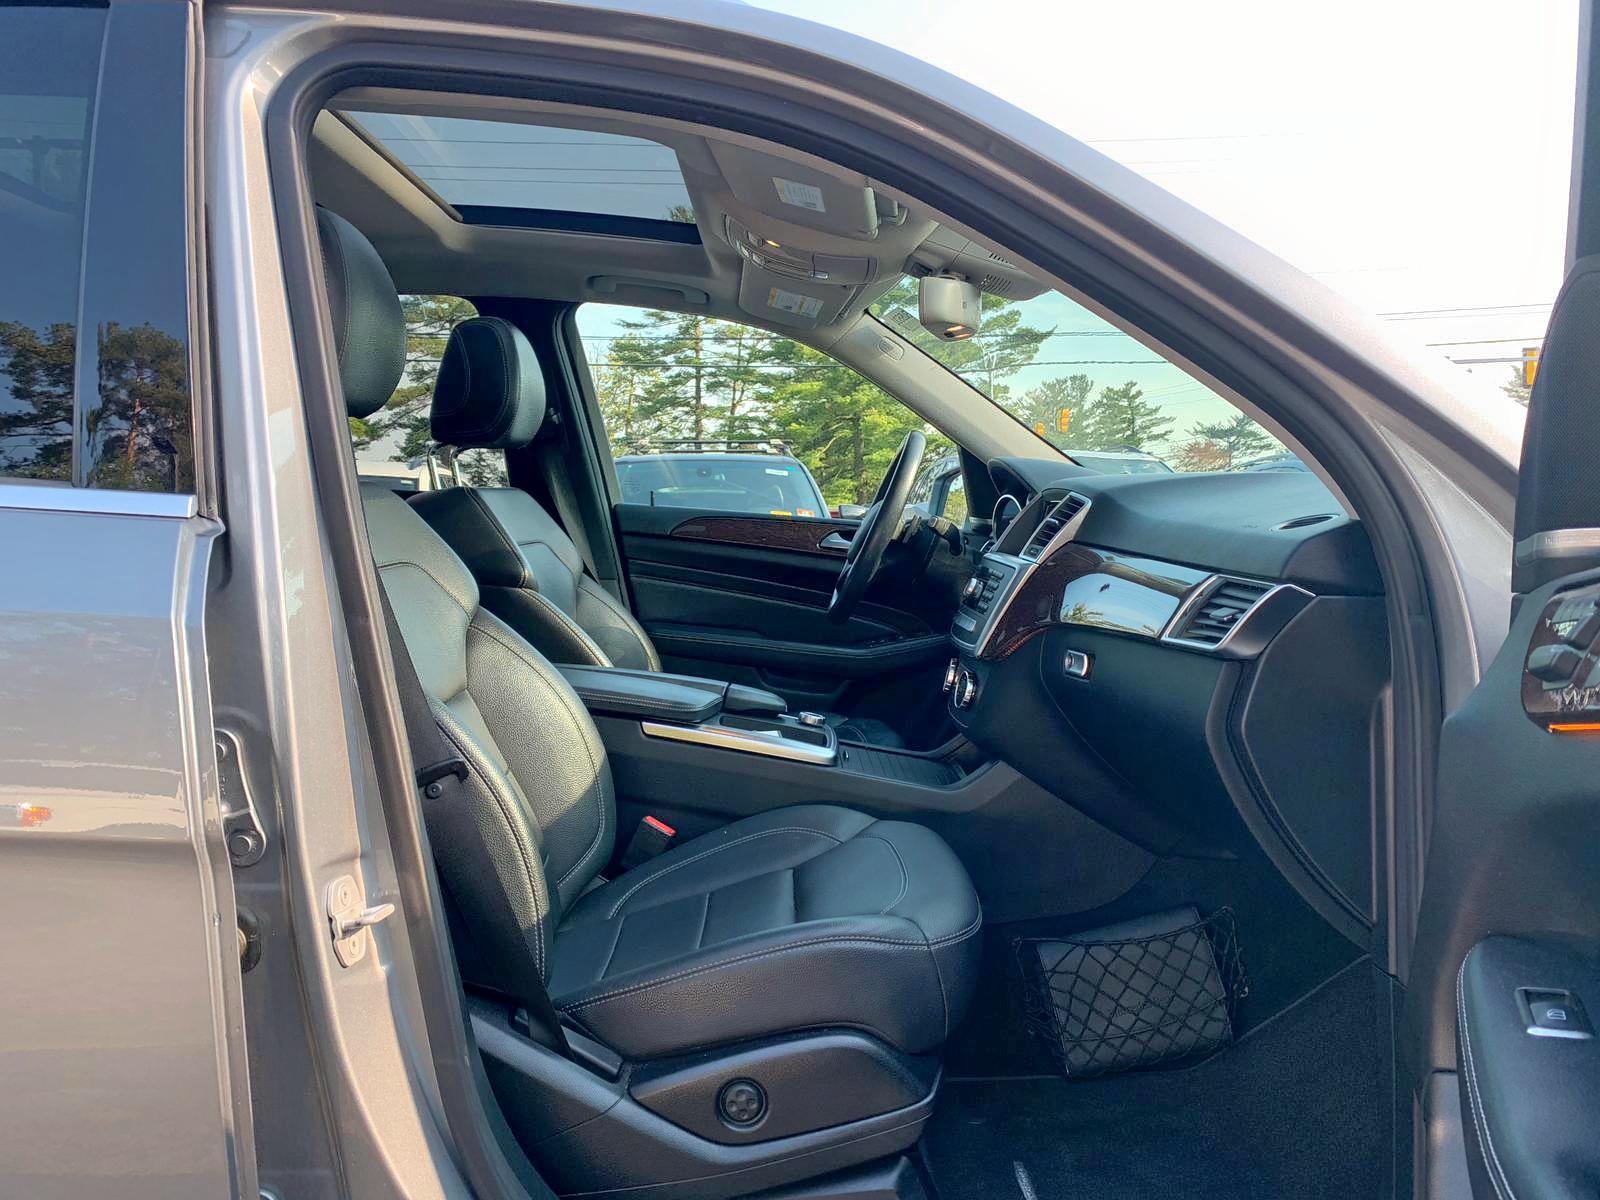 4JGDA5HB5CA030011 - 2012 Mercedes-Benz Ml 350 4Ma 3.5L close up View